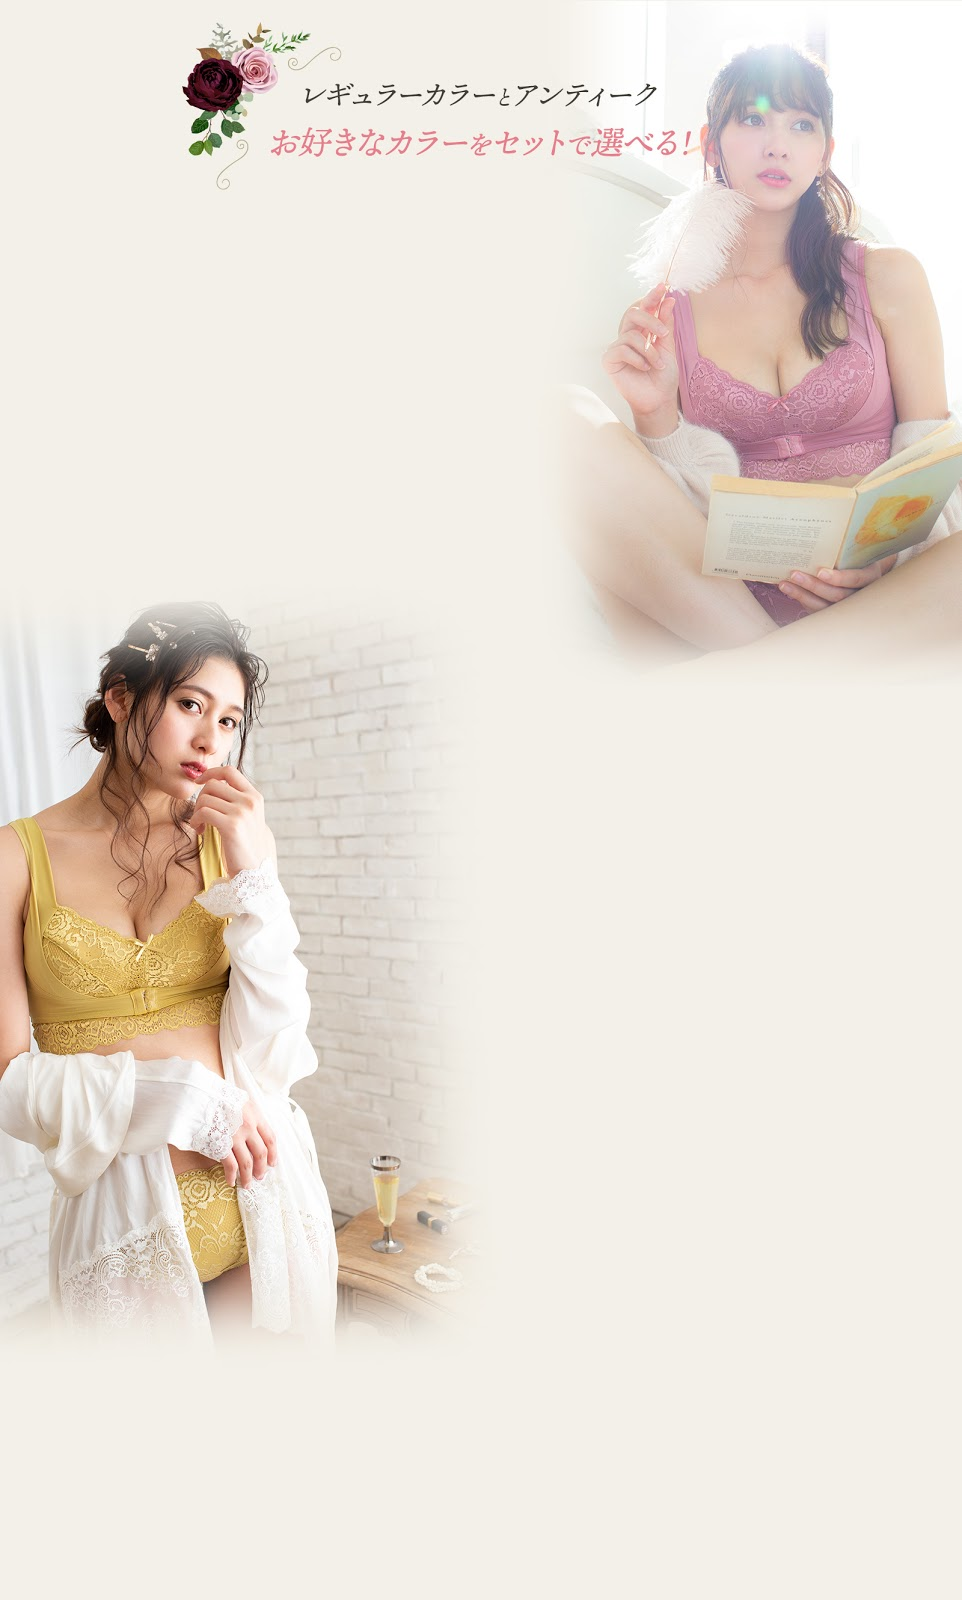 Fluffy Room Blubless Underwear Model Angela Mei065